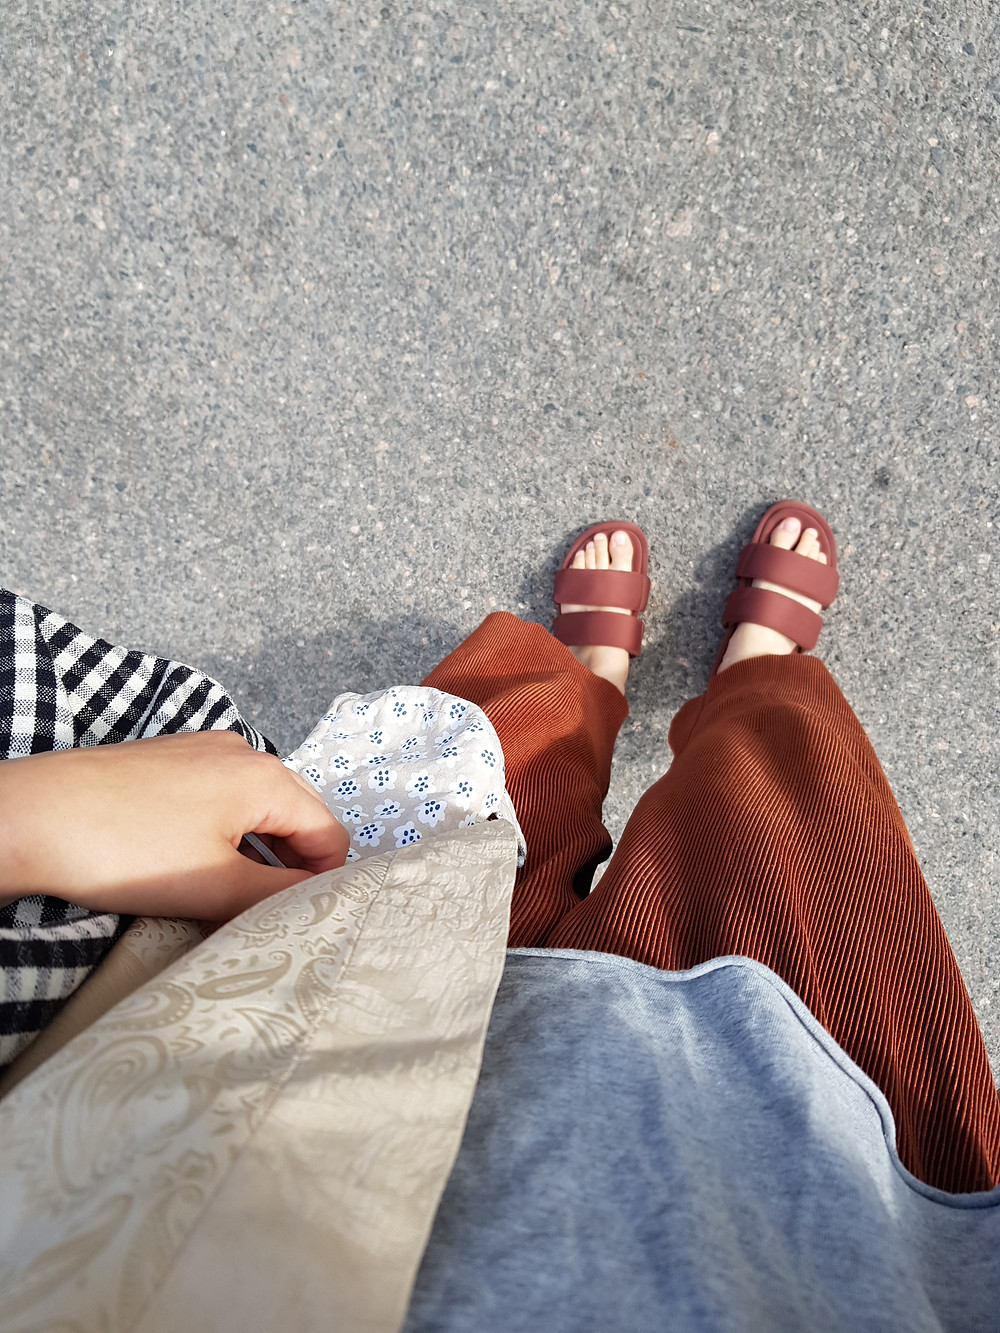 Kuva on ylhäältä päin, päälläni on oranssinruskeat muhkeat sandaalit, ruosteen väriset väljät housut, harmaa t-paita, beige ohut silkkikimono, mustavalkoruudullinen laukku ja kädessä Marimekon kankaasta ommeltu kasvomaski.